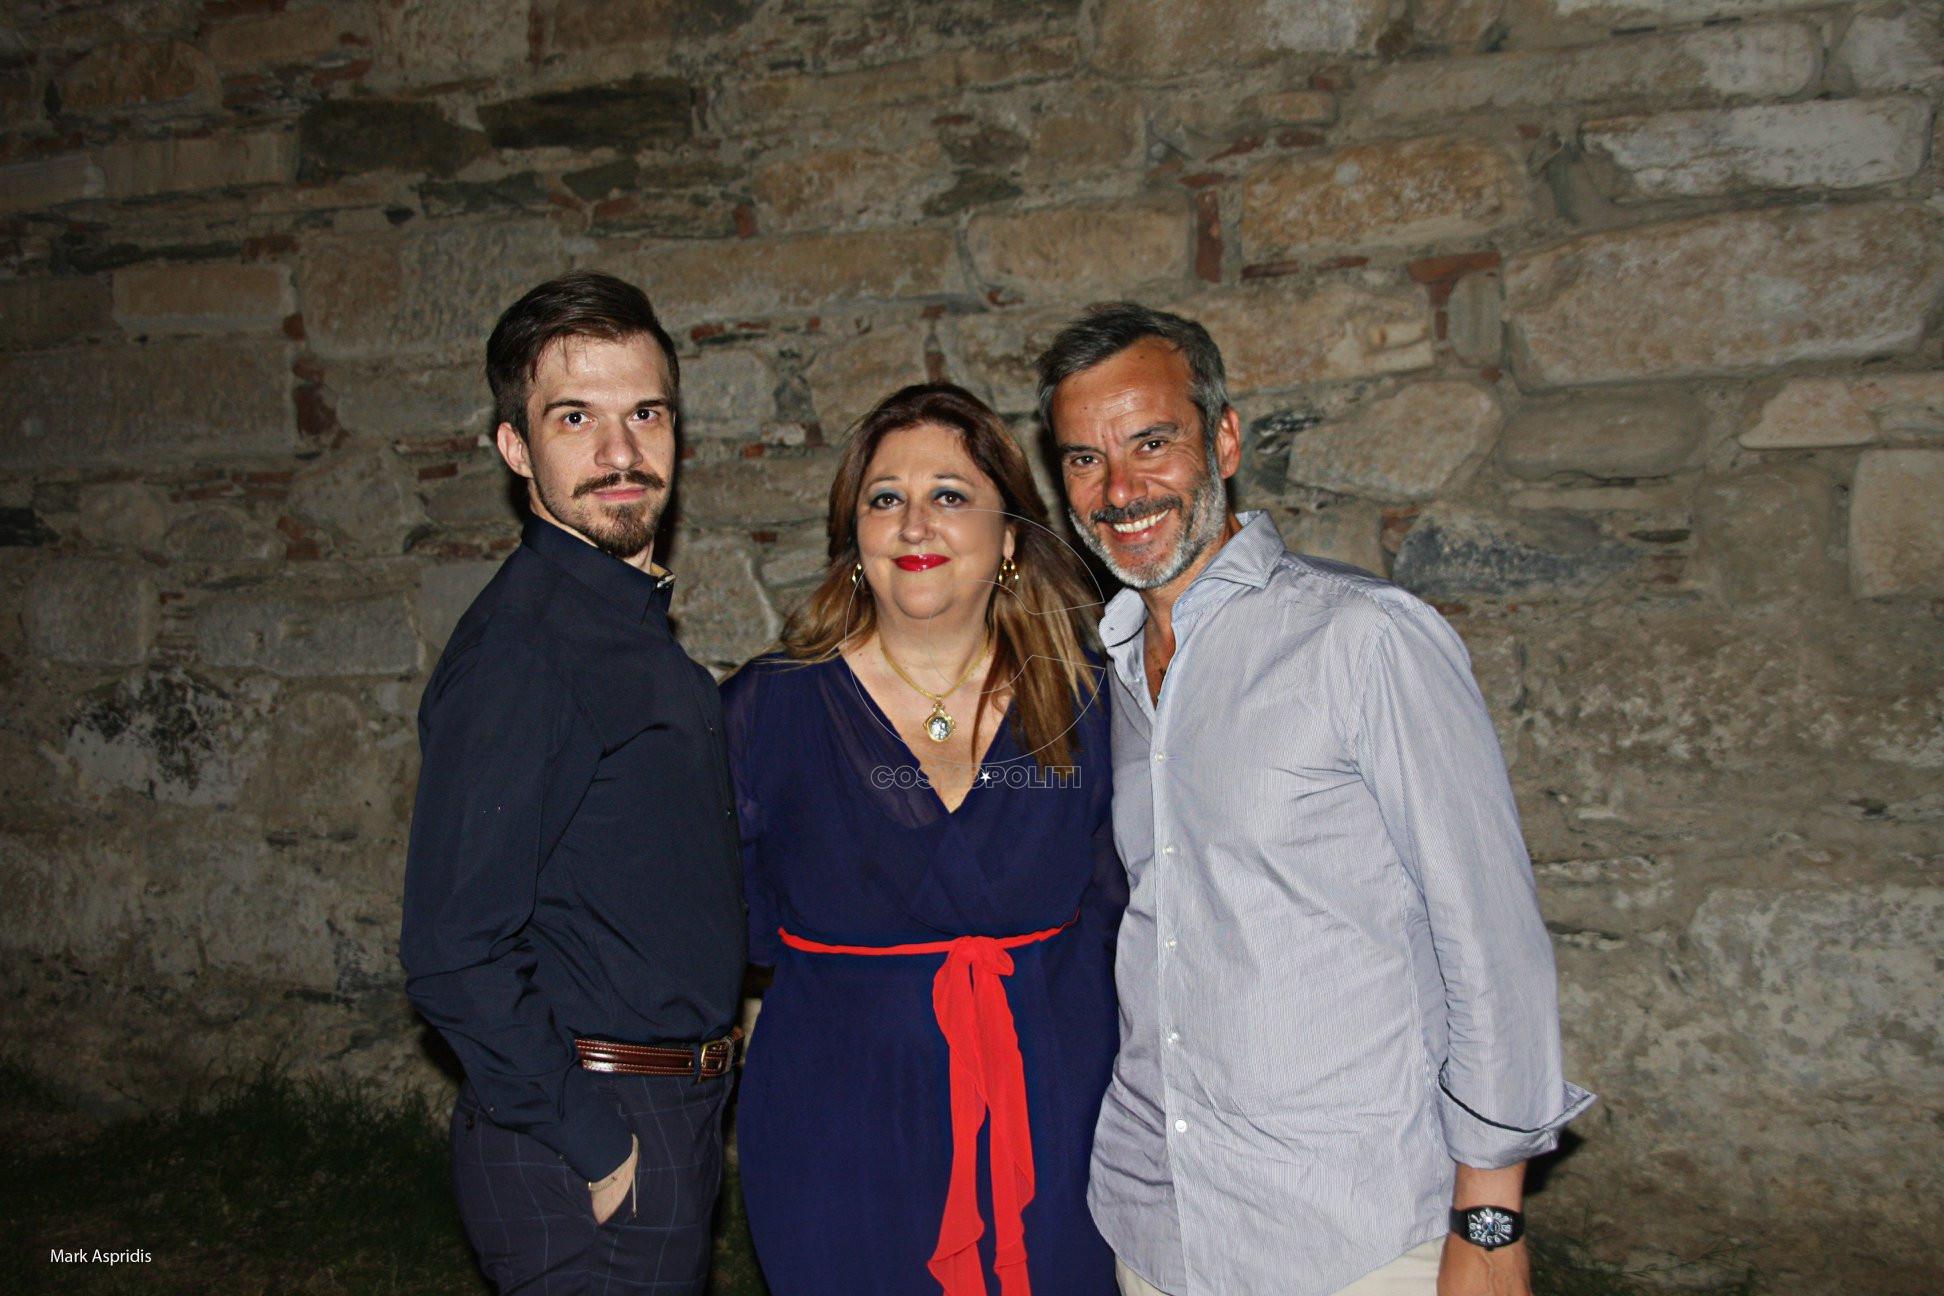 Ο καλλ. Διευθ. του Φεστιβάλ Αθ. Κολαλάς, η Πρόεδρος του ΚΠΜΚ Άννα Μυκωνίου, ο Δήμαρχος Κων. Ζέρβας